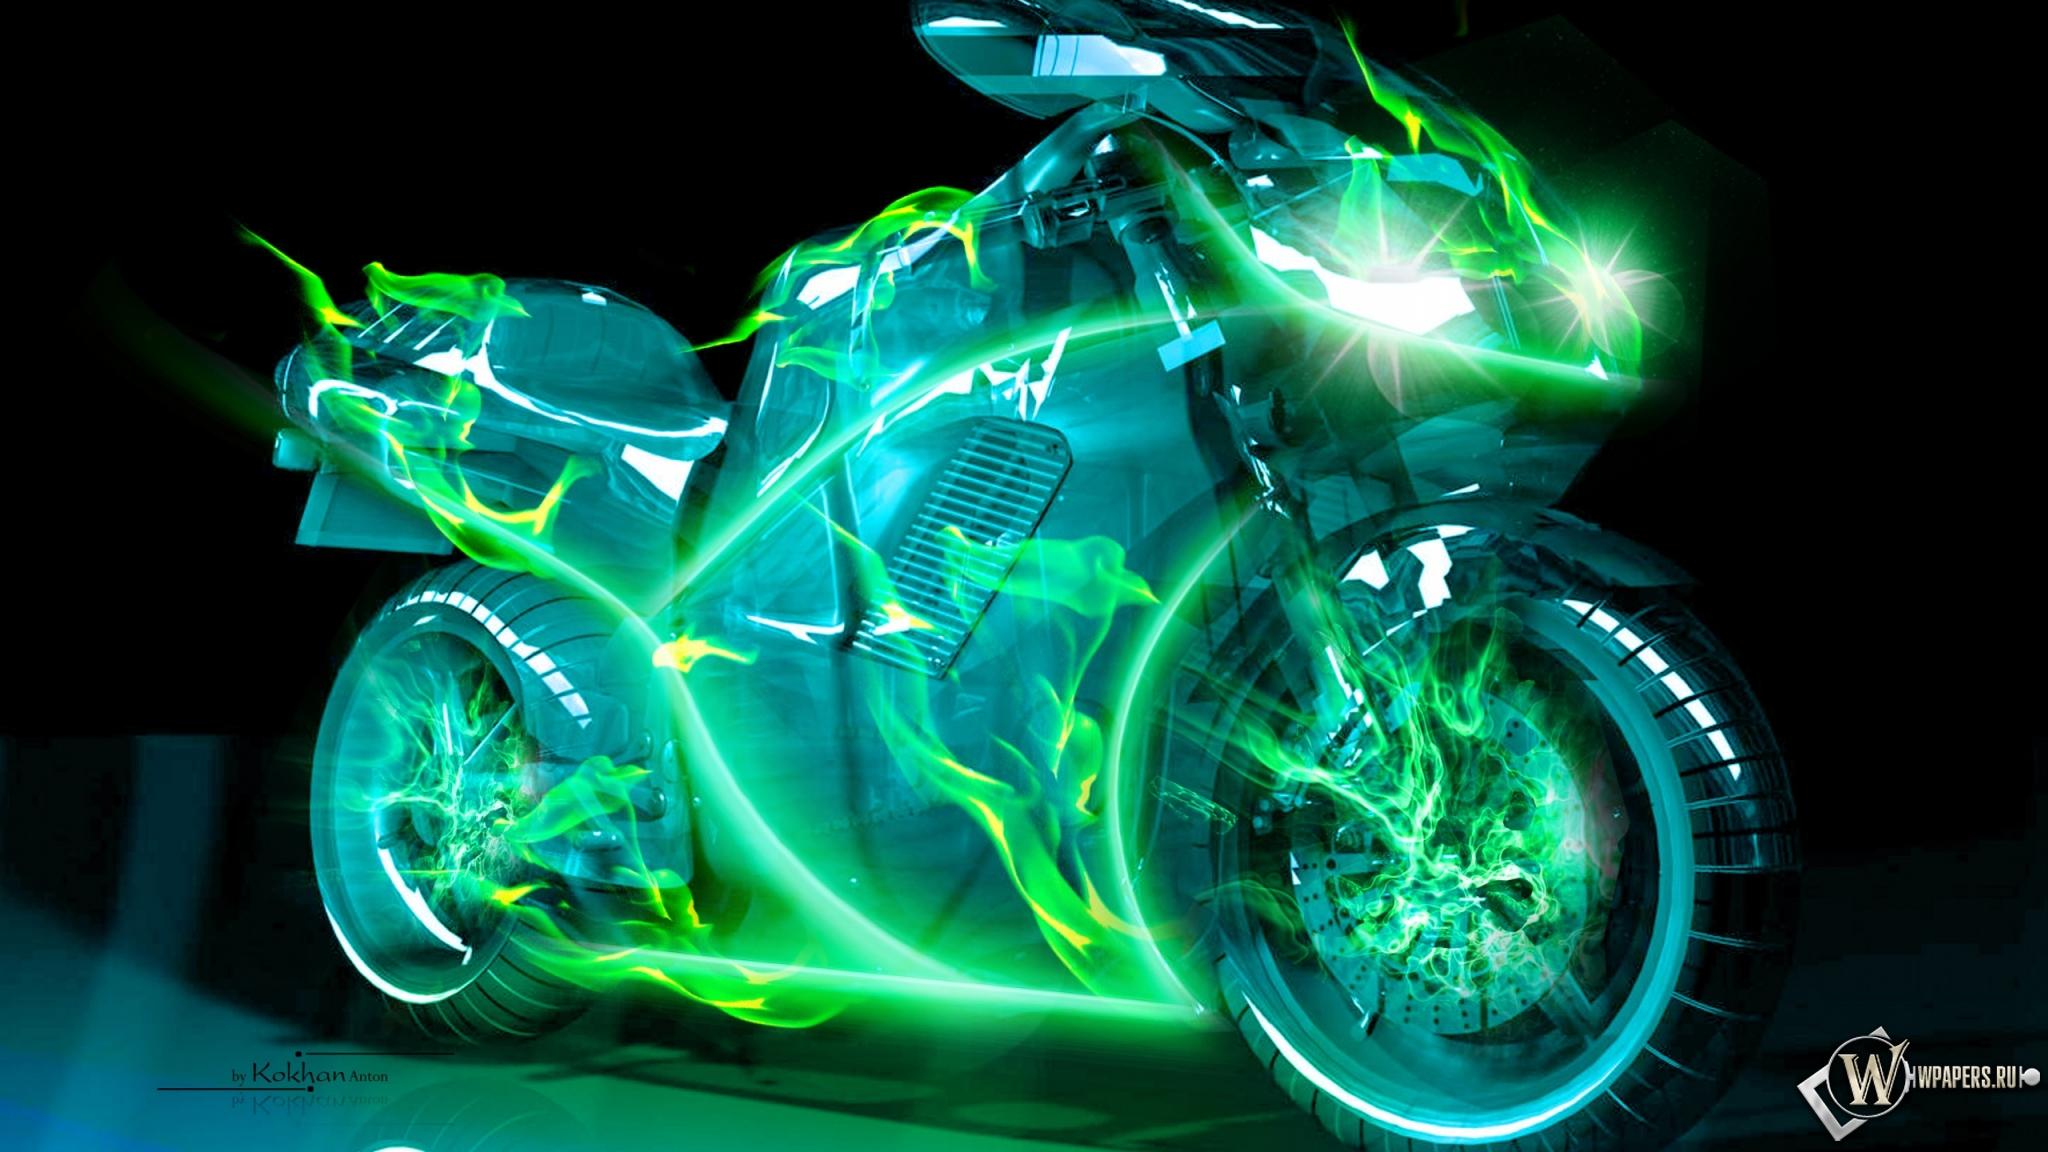 Suzuki в неоновой подсветке  № 3430396 бесплатно